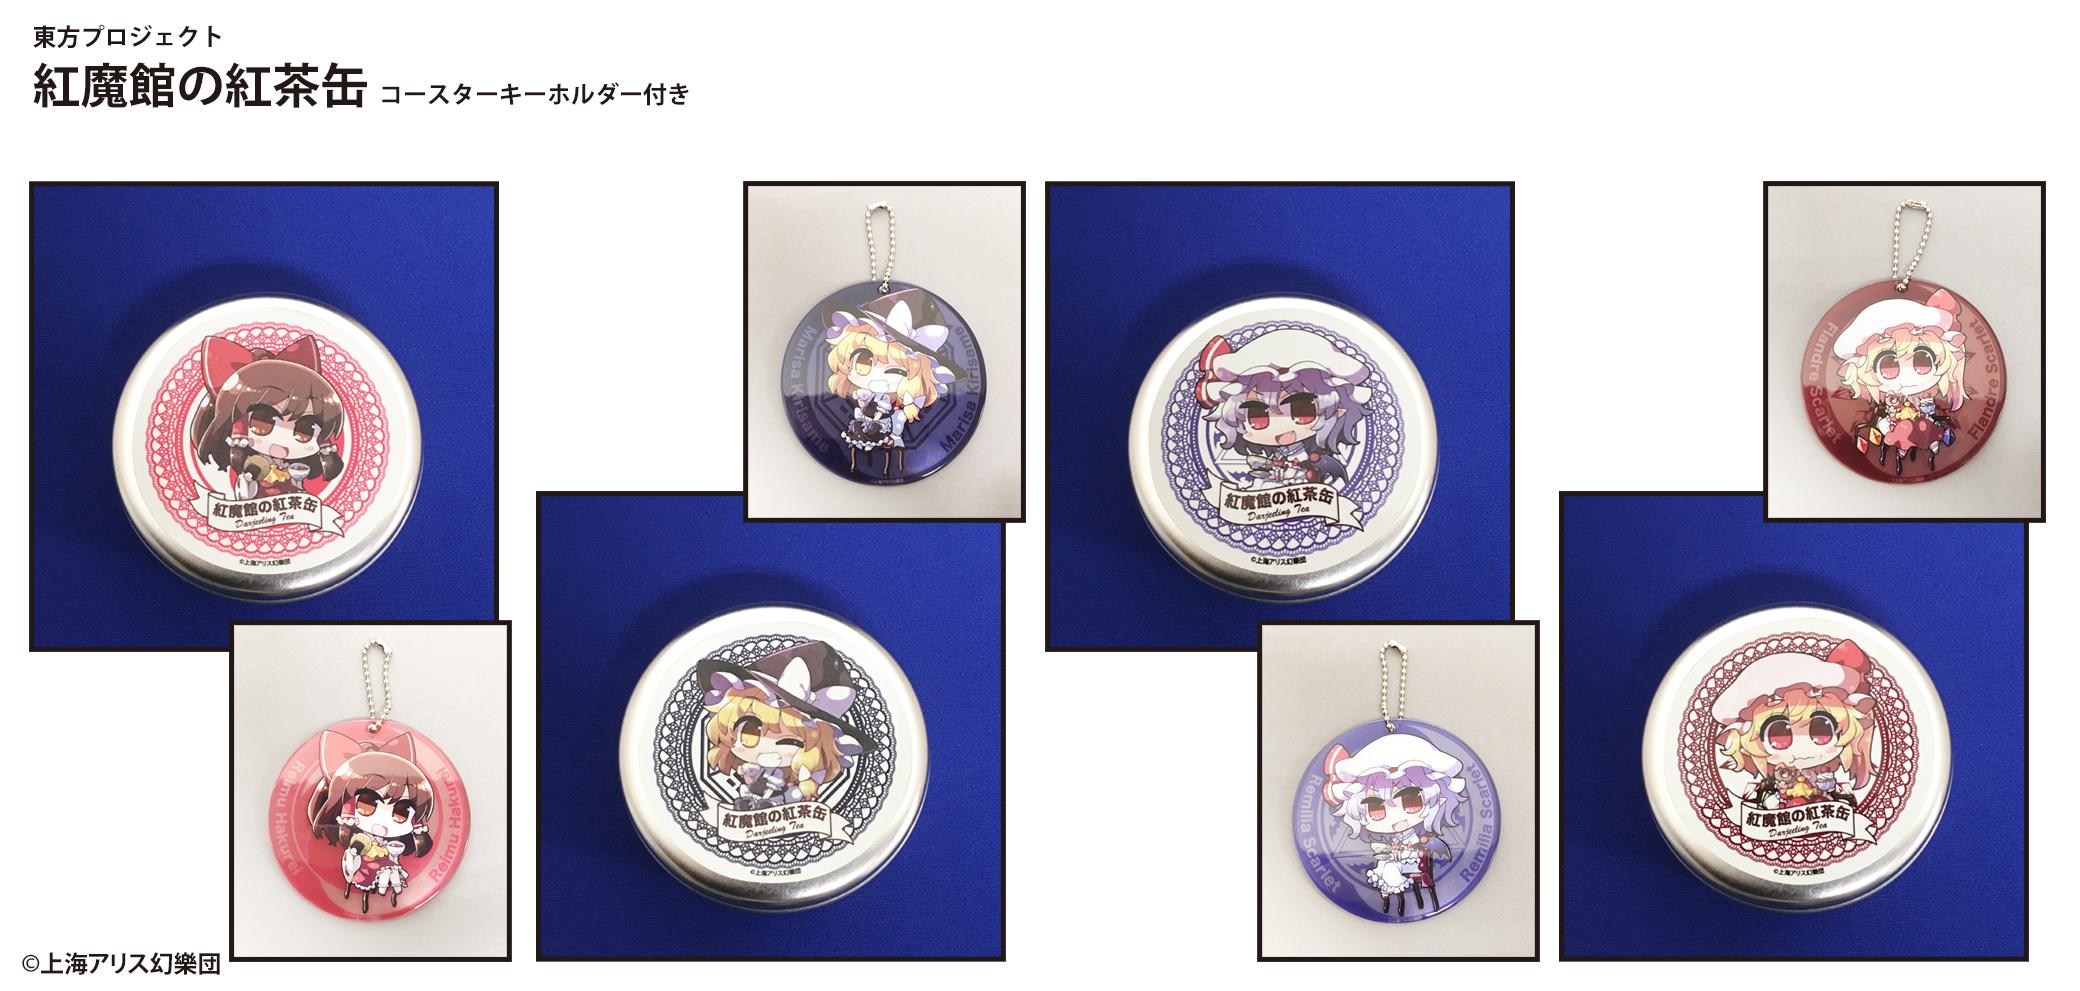 東方プロジェクト 紅魔館の紅茶缶